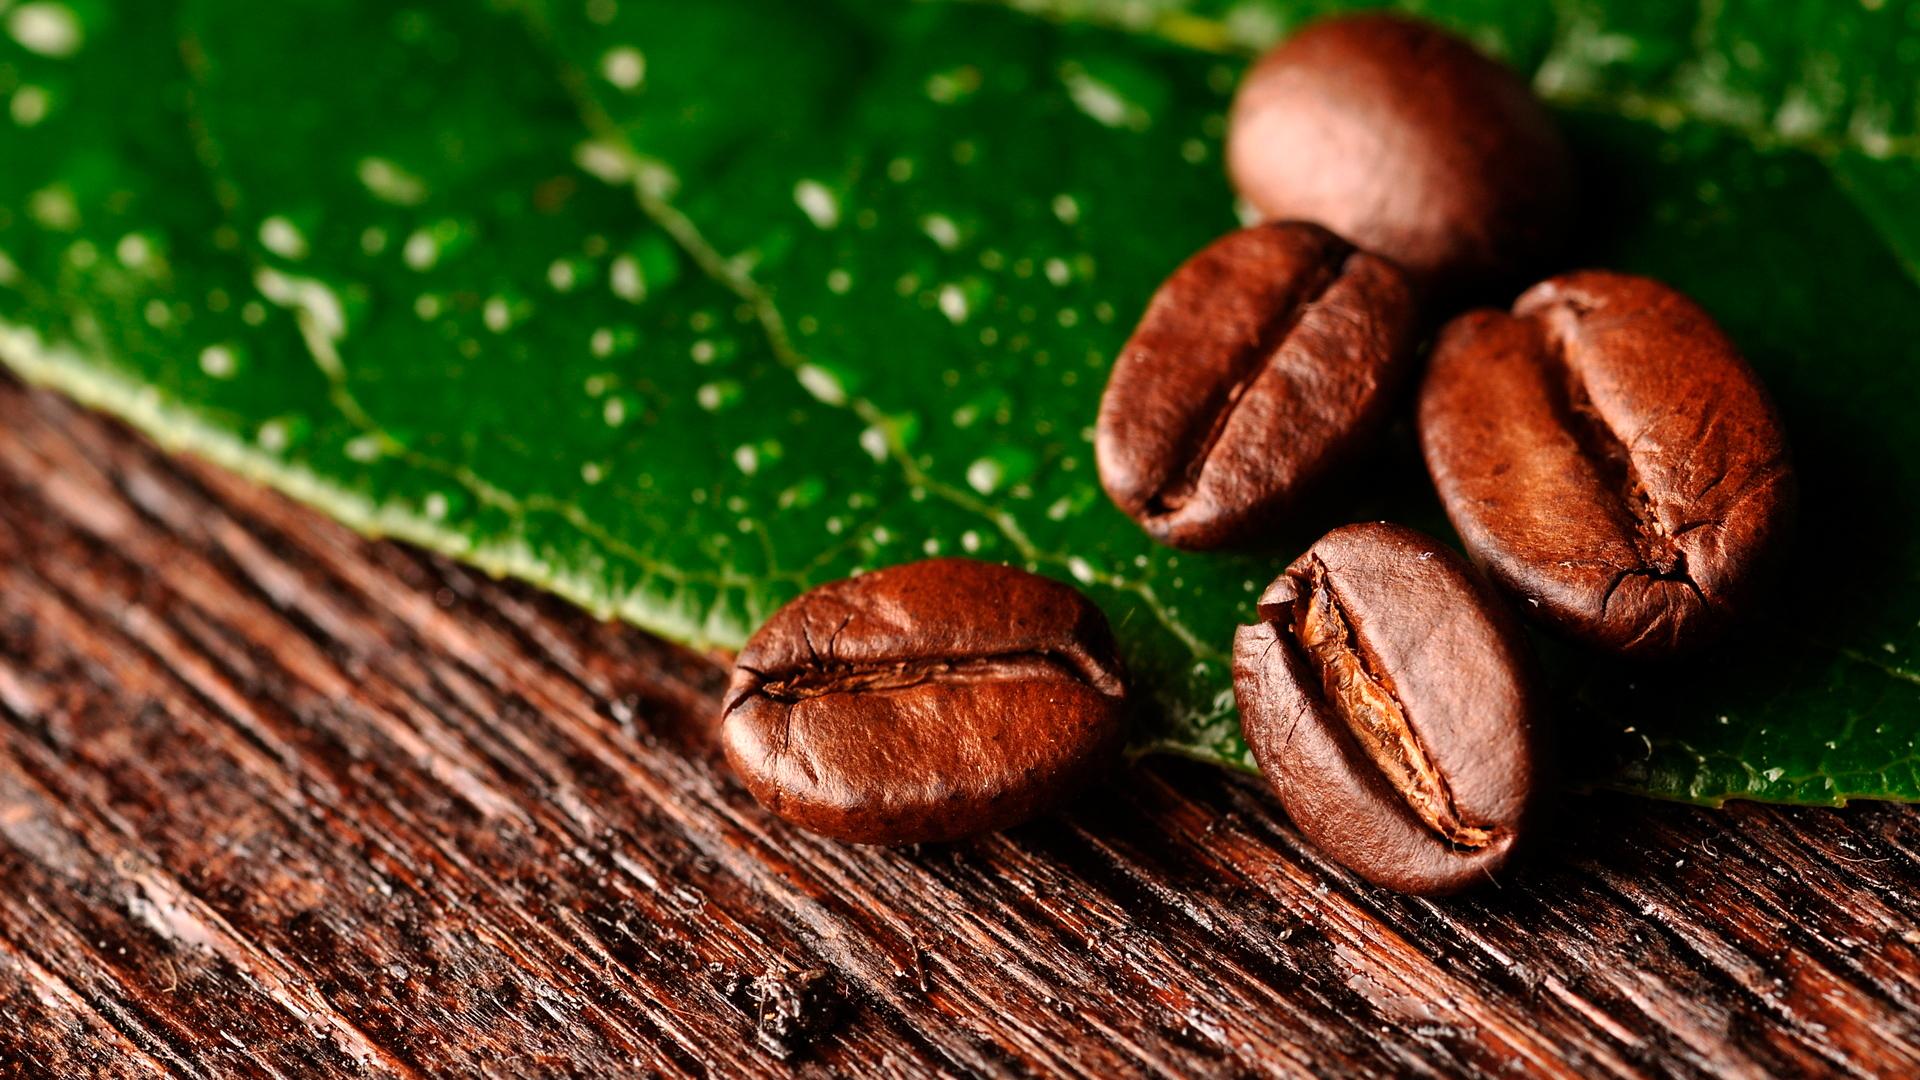 Кофе зерна  № 142128  скачать